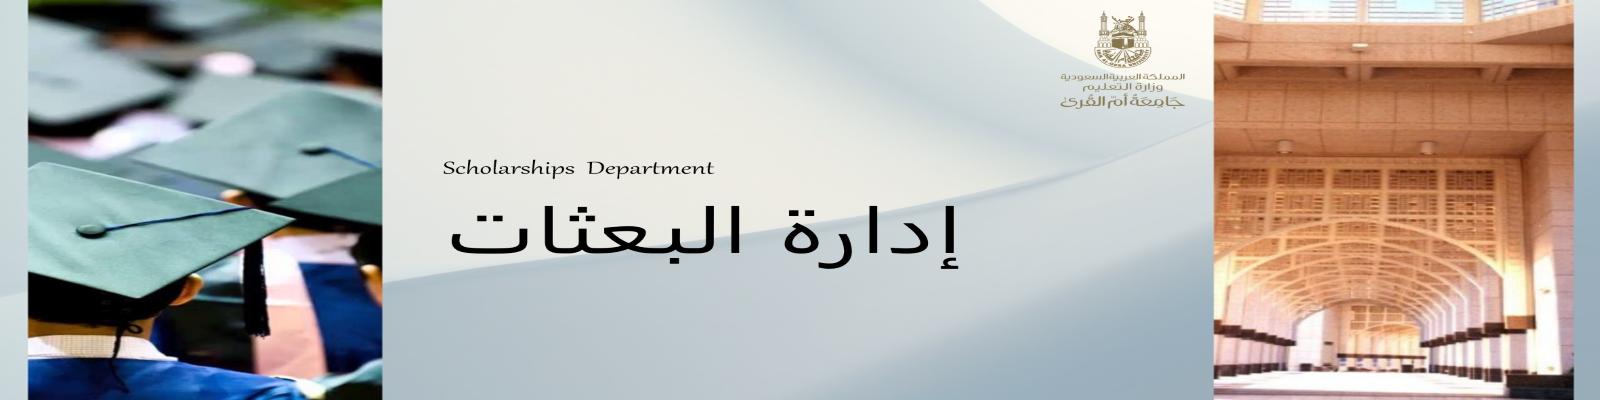 إدارة البعثات وكالة الجامعة للدراسات العليا والبحث العلمي جامعة أم القرى